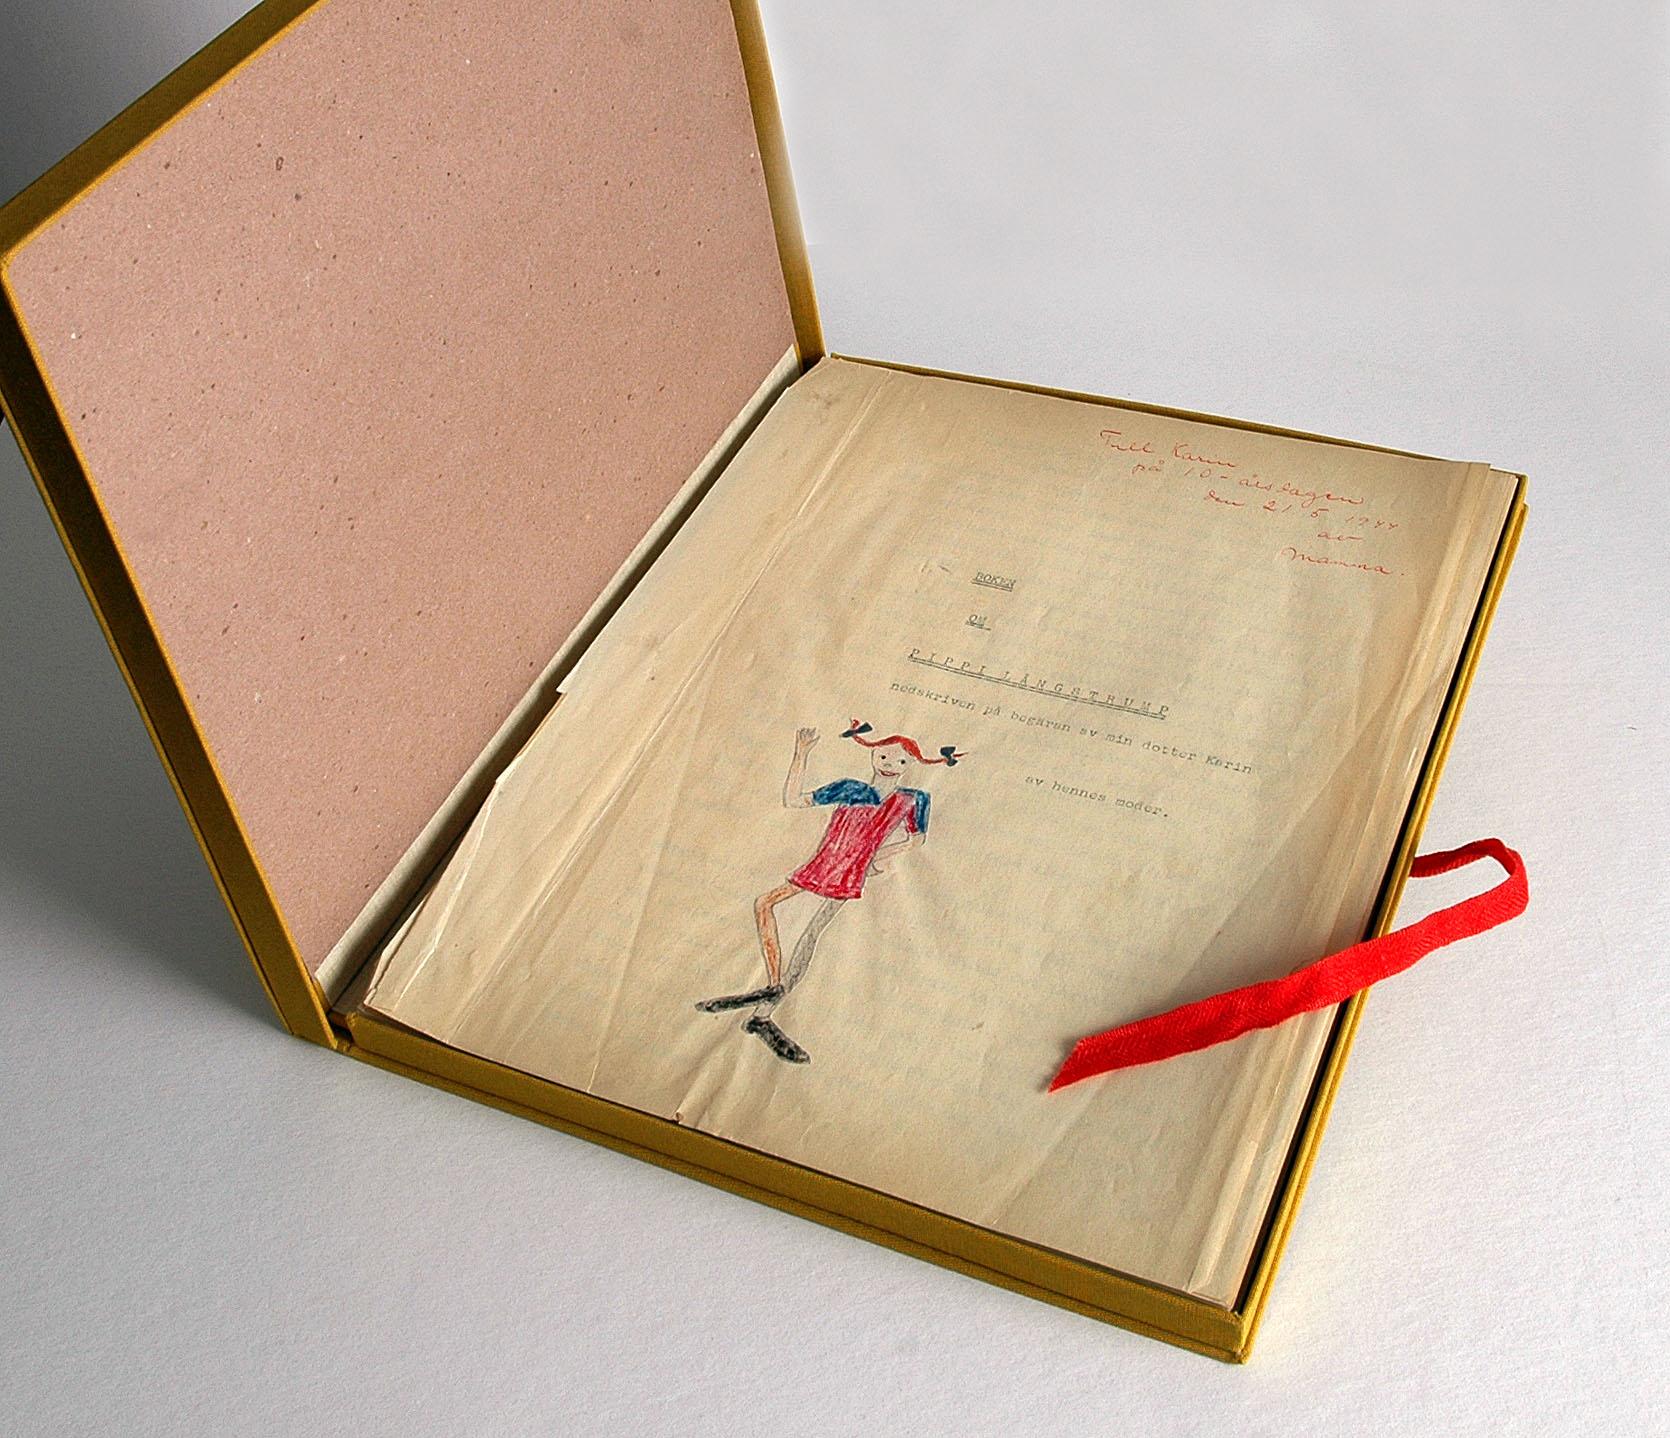 [長くつ下のピッピの世界展]見どころ解説 その1「オリジナル・ピッピ Ur-Pipp(i The original manuscript of Pippi Longstocking)」